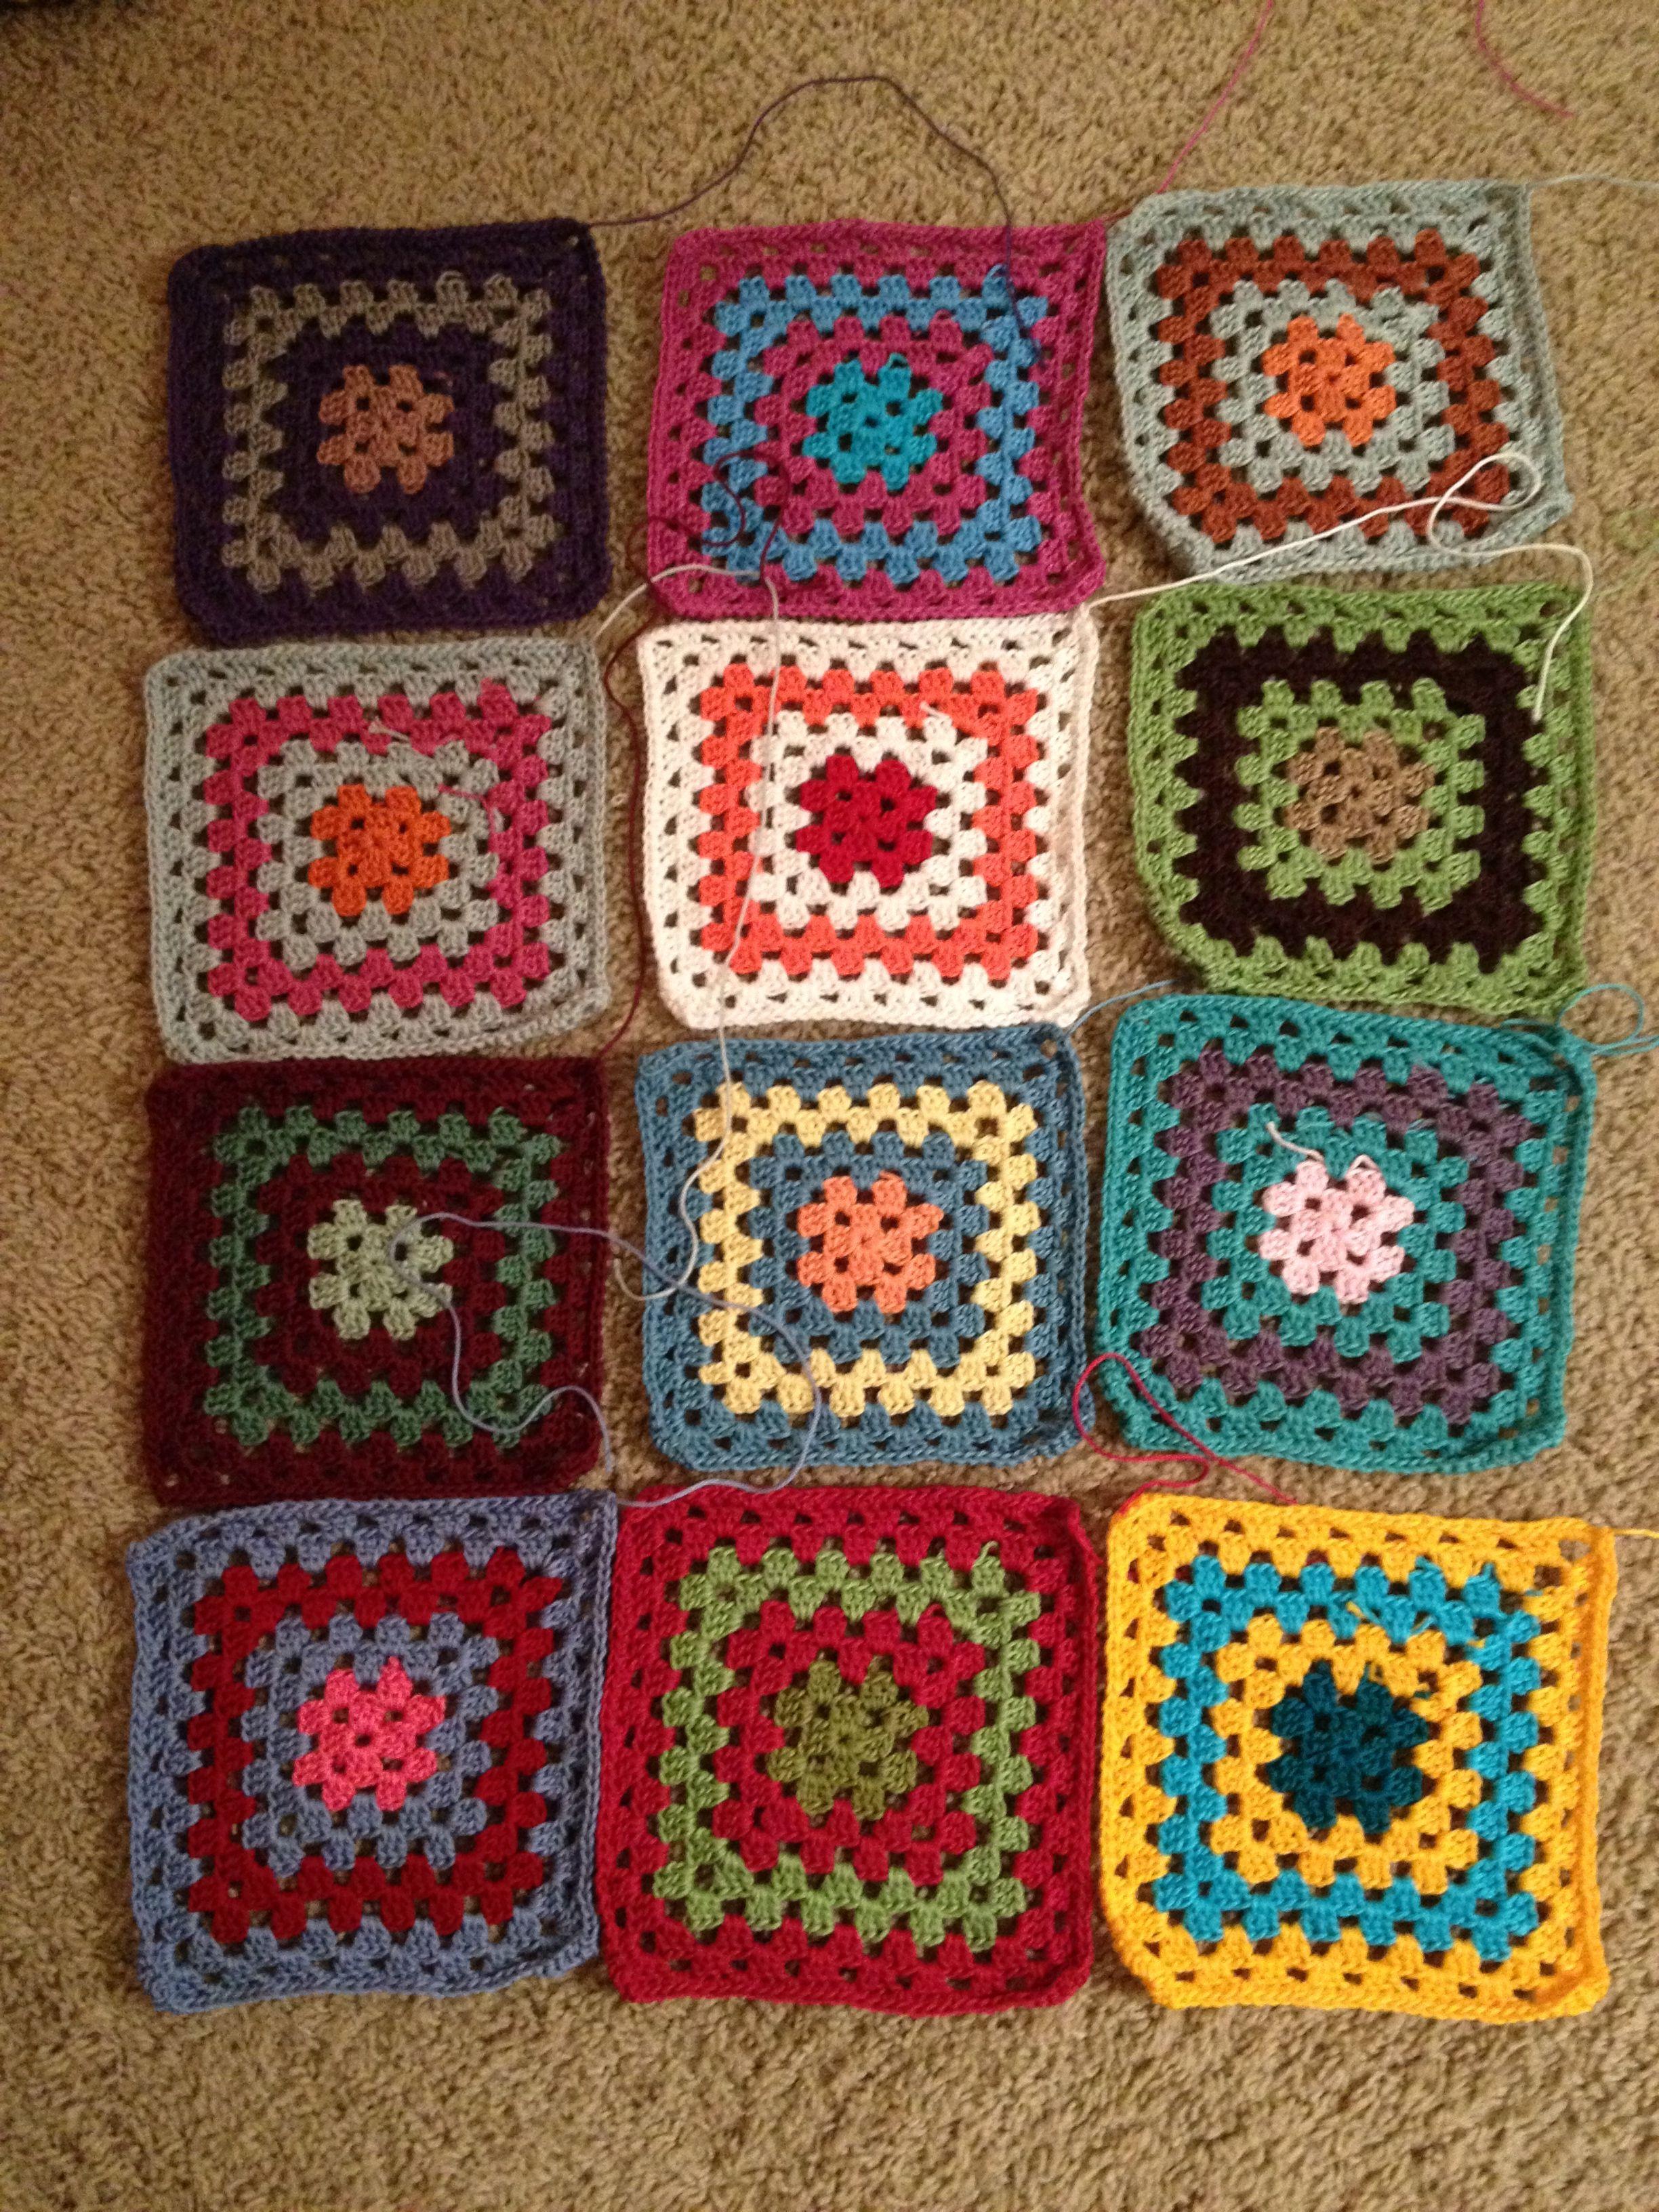 Scrap yarn crochet work in progress | Things I made | Pinterest